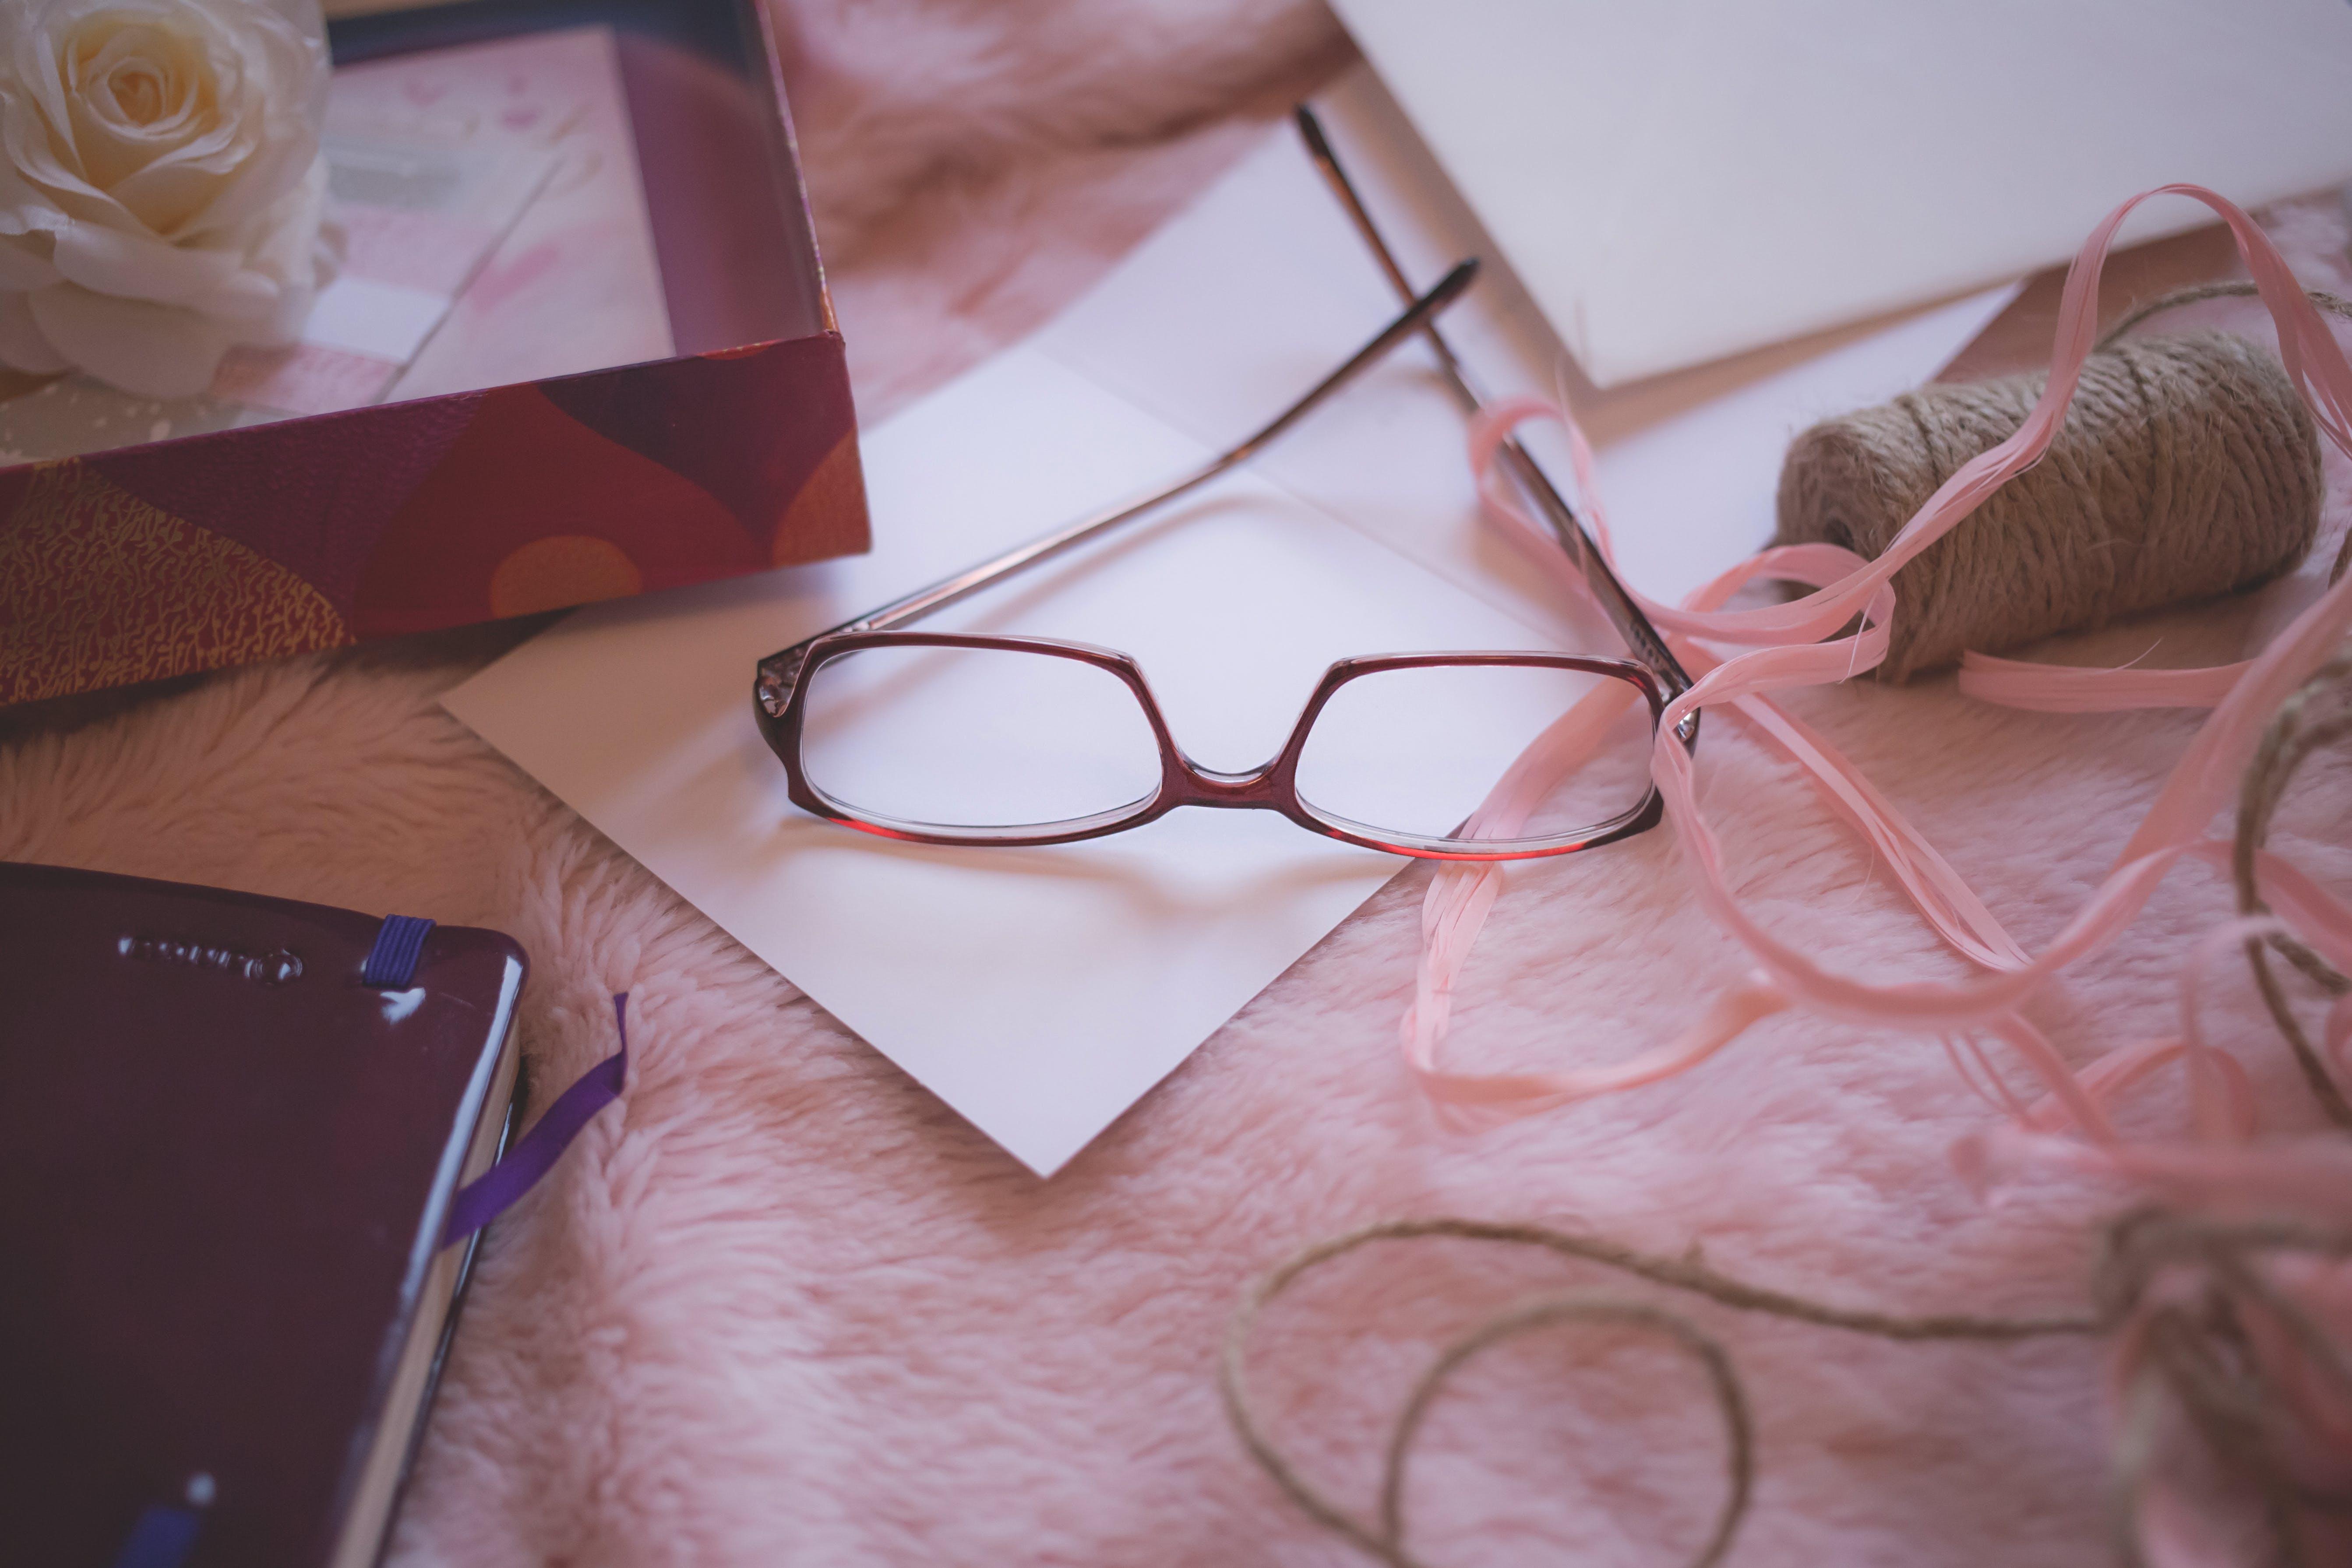 Eyeglasses Beside Pink Yarn on Pink Bed Blanket